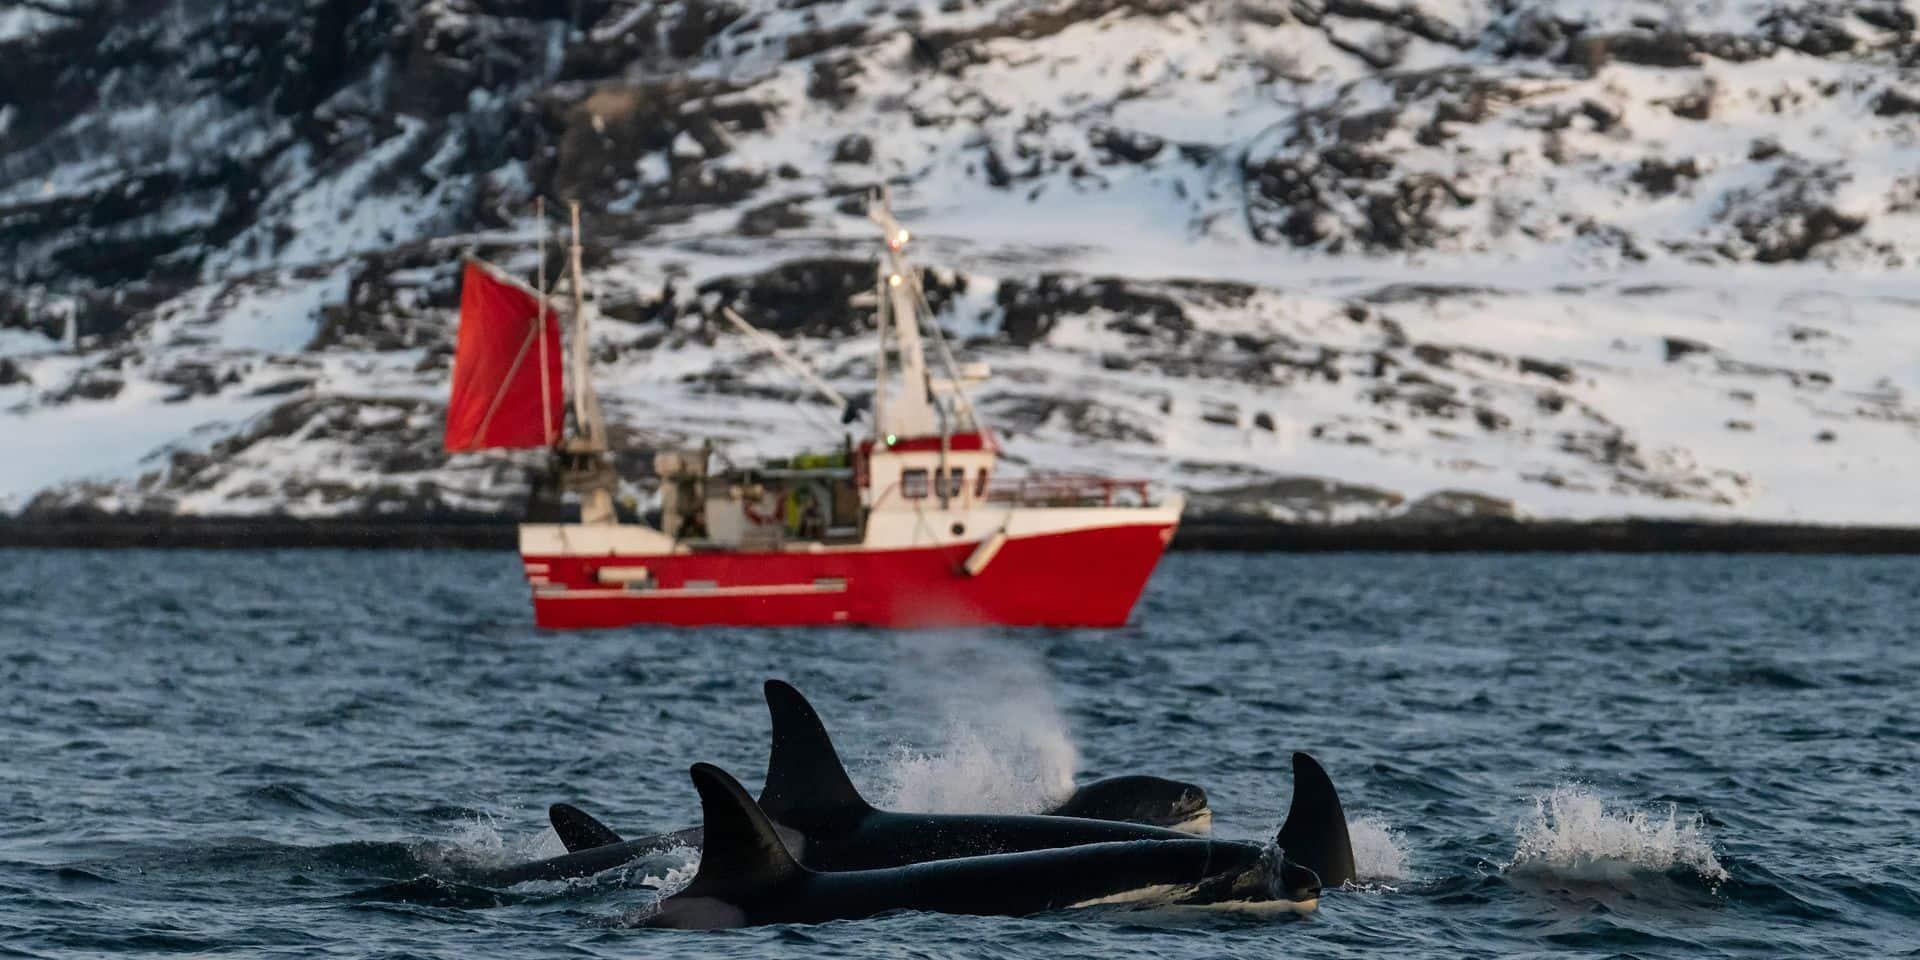 """Plus de 570 baleines pêchées en Norvège cette année : """"Le massacre d'un si grand nombre de baleines est un écocide"""""""